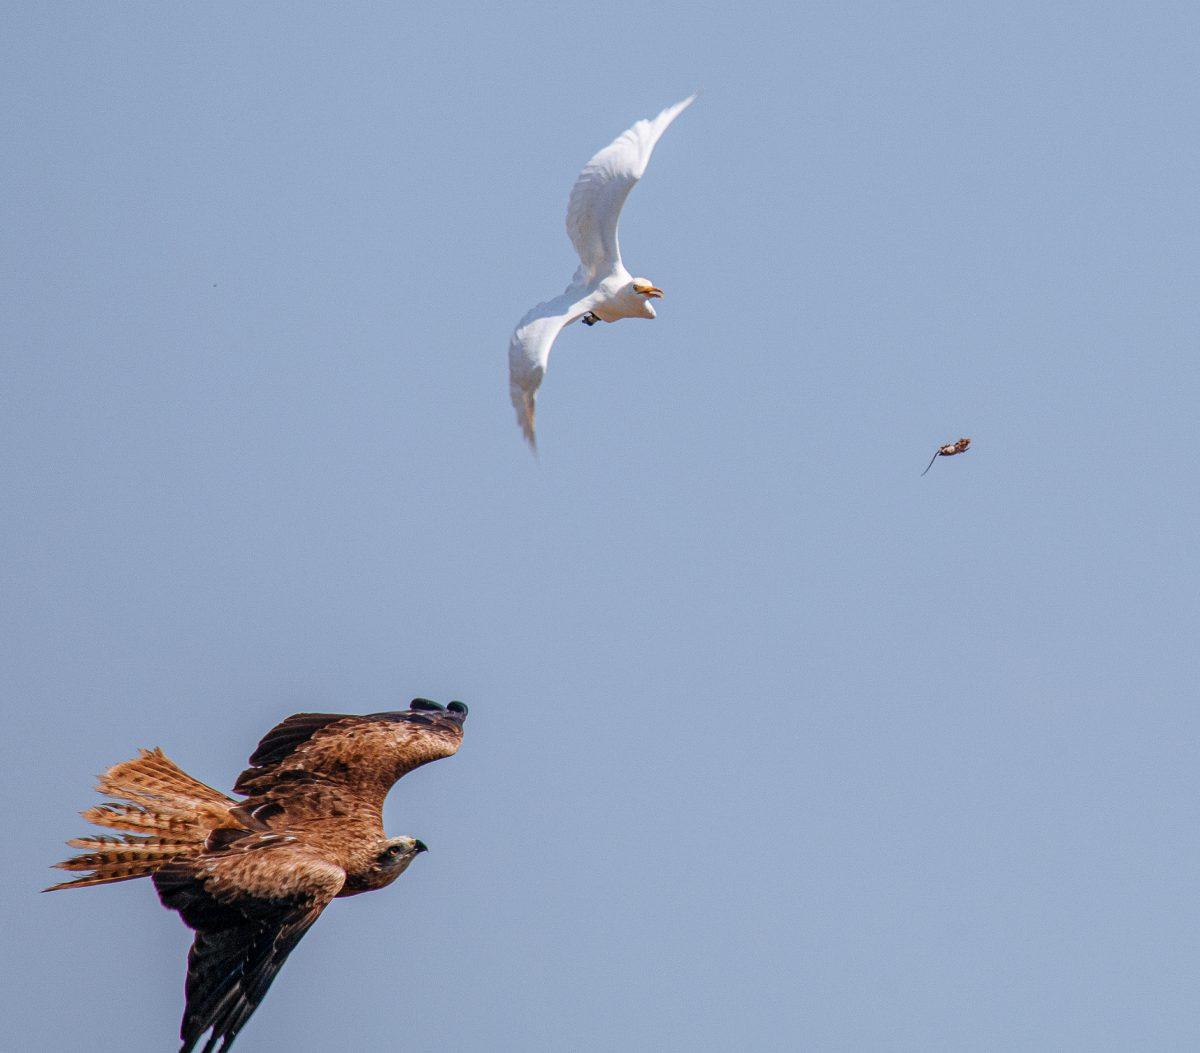 เหยี่ยว, ดูนก, นกอพยพ